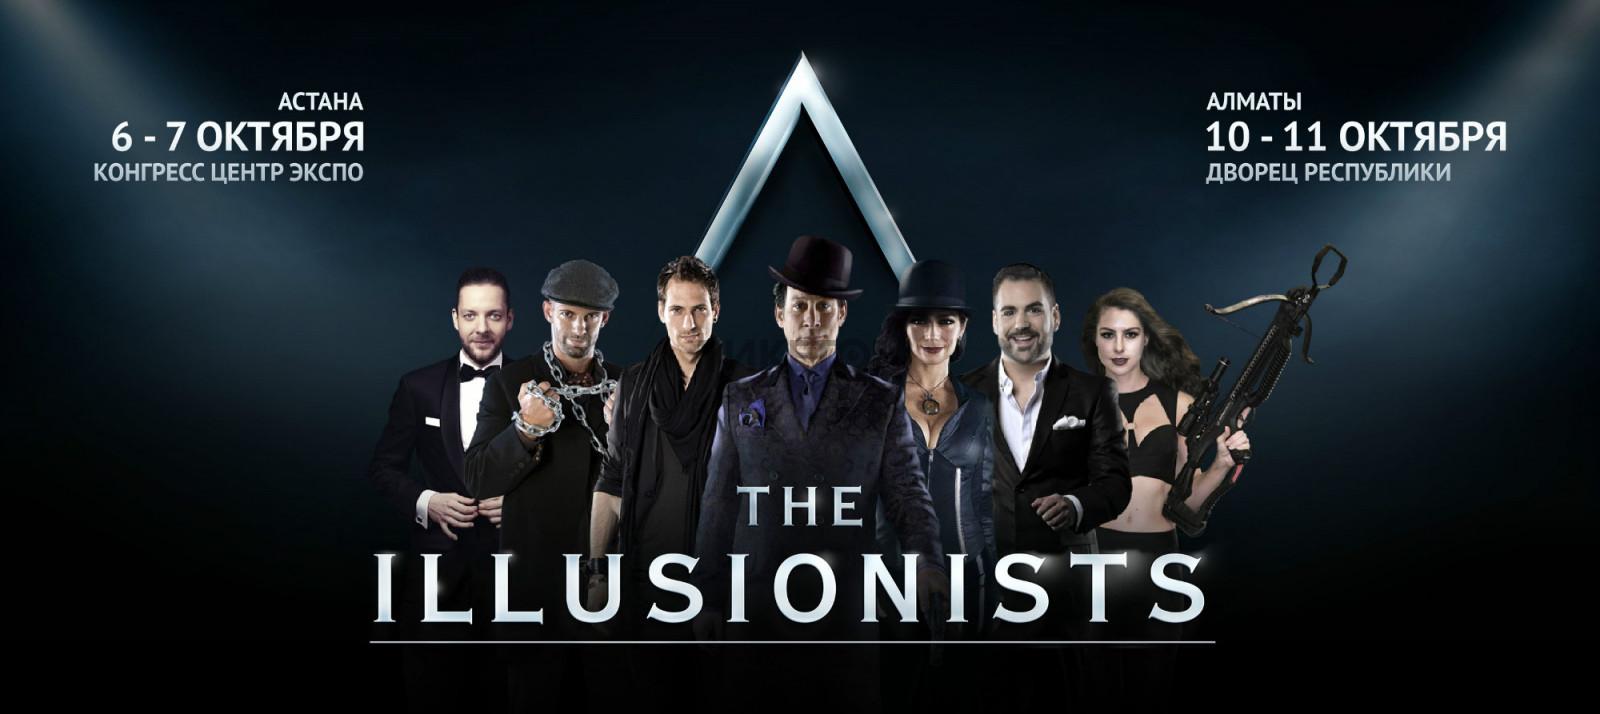 The Illusionists в Казахстане!